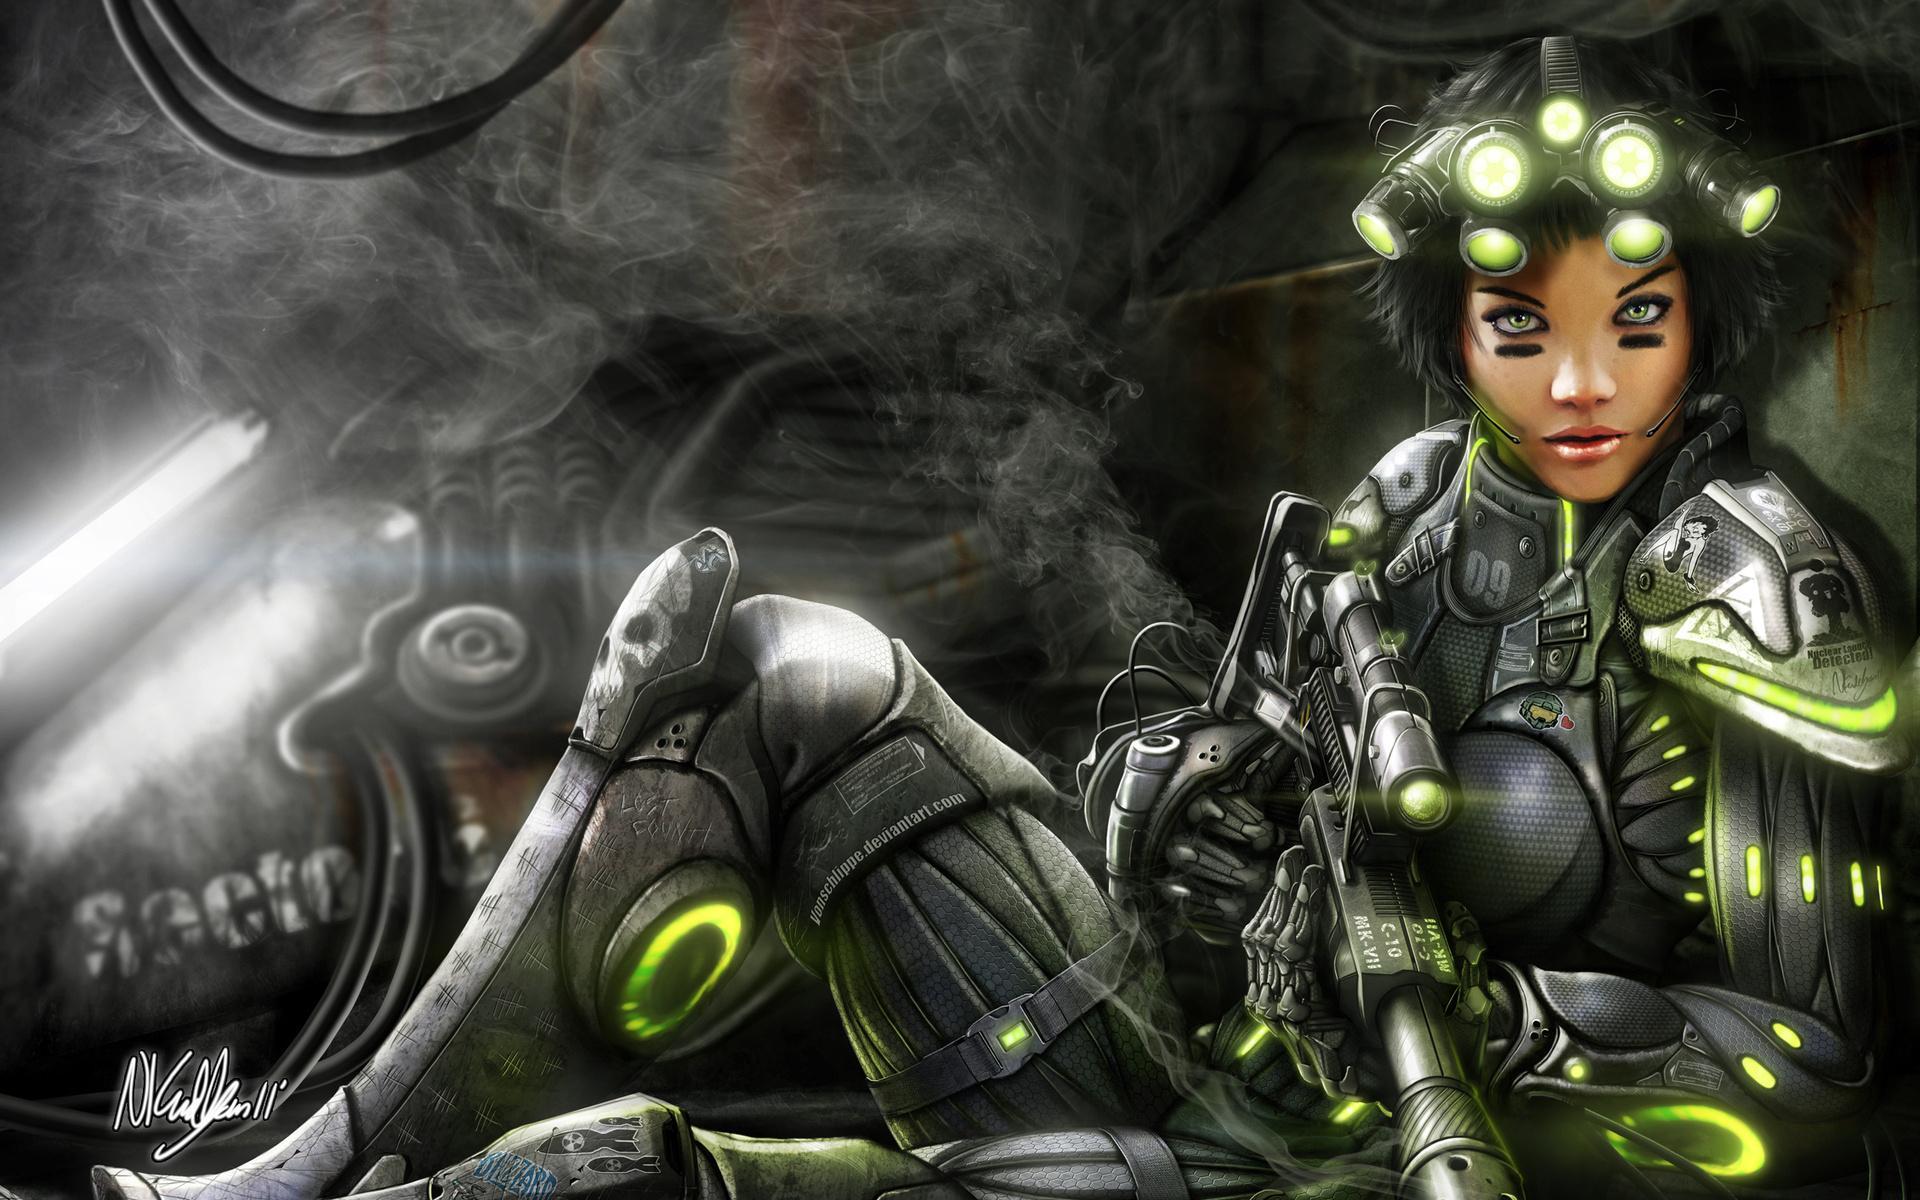 Описание космический воин девушка